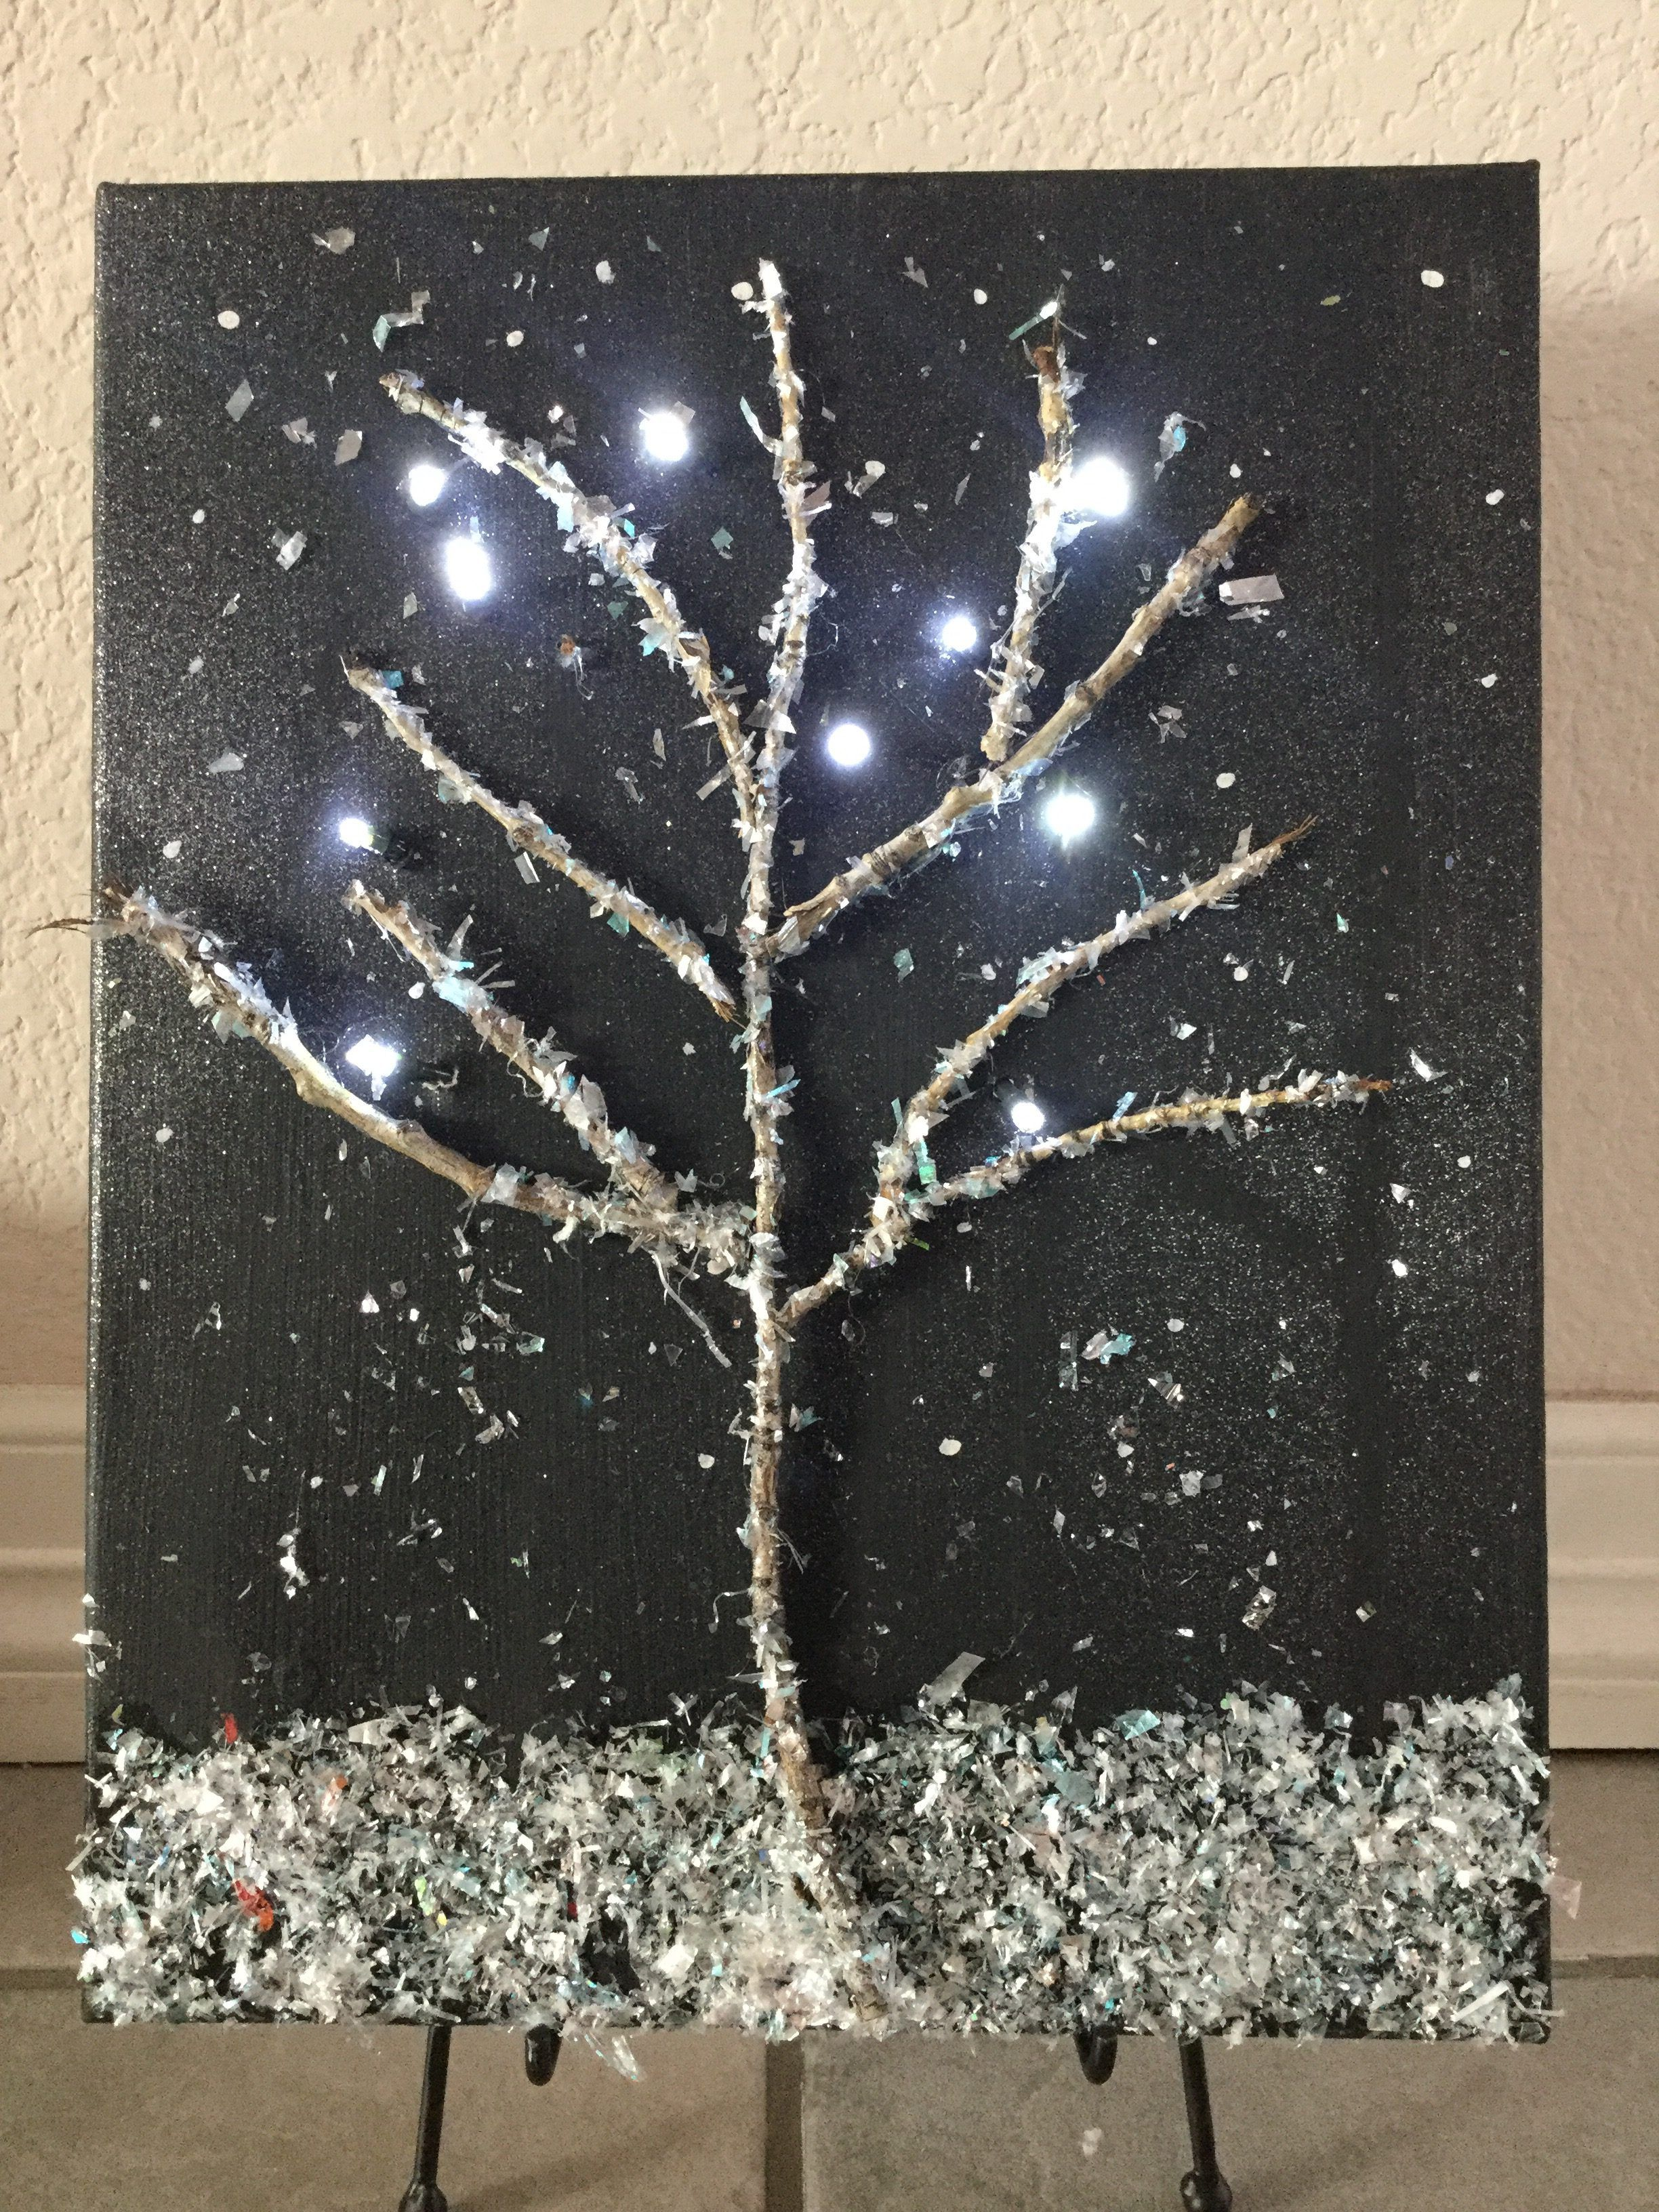 Winter Light Up Canvas Art Light Up Canvas Winter Wall Art Lighted Canvas Art